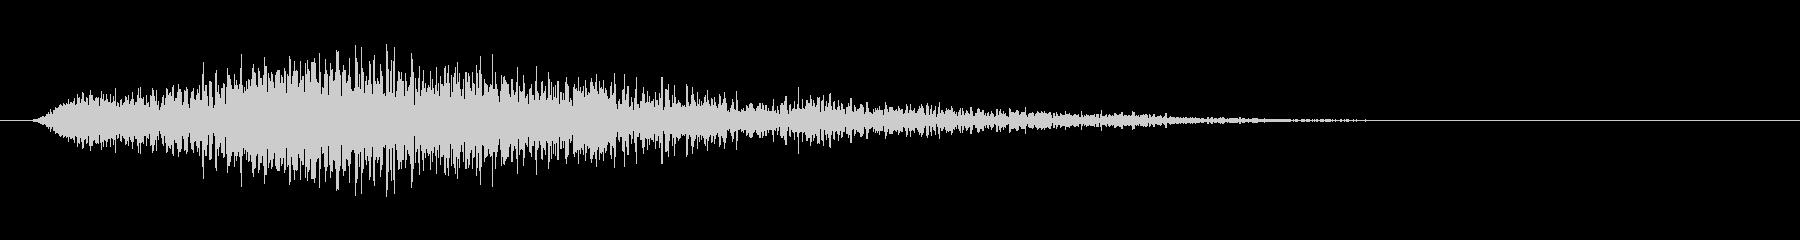 メタリックグローンローバイブレーシ...の未再生の波形